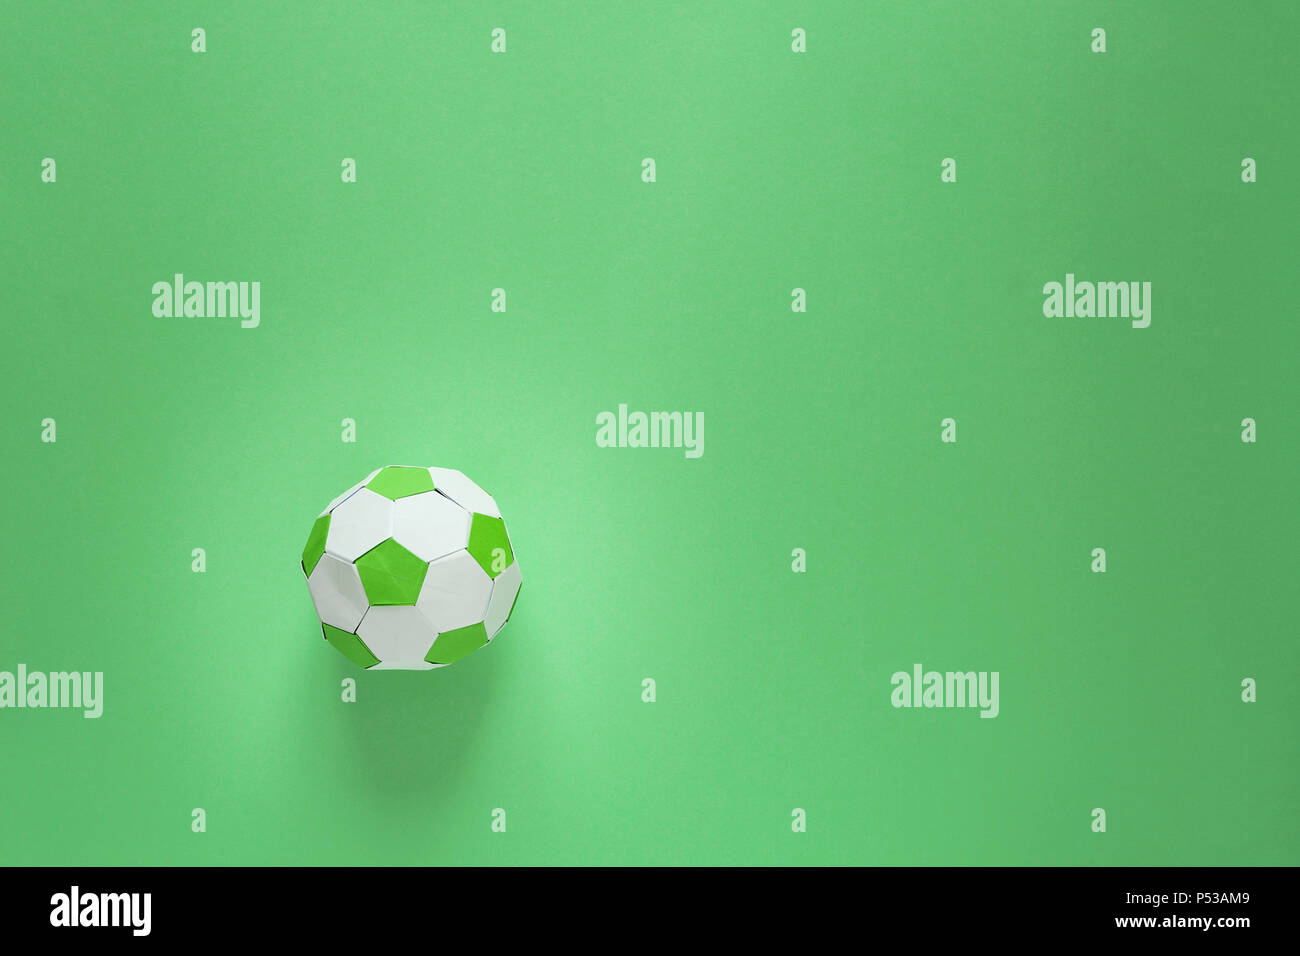 Balón de fútbol de papel en el campo de fútbol o fondo verde. El origami e5b42f4f53a20